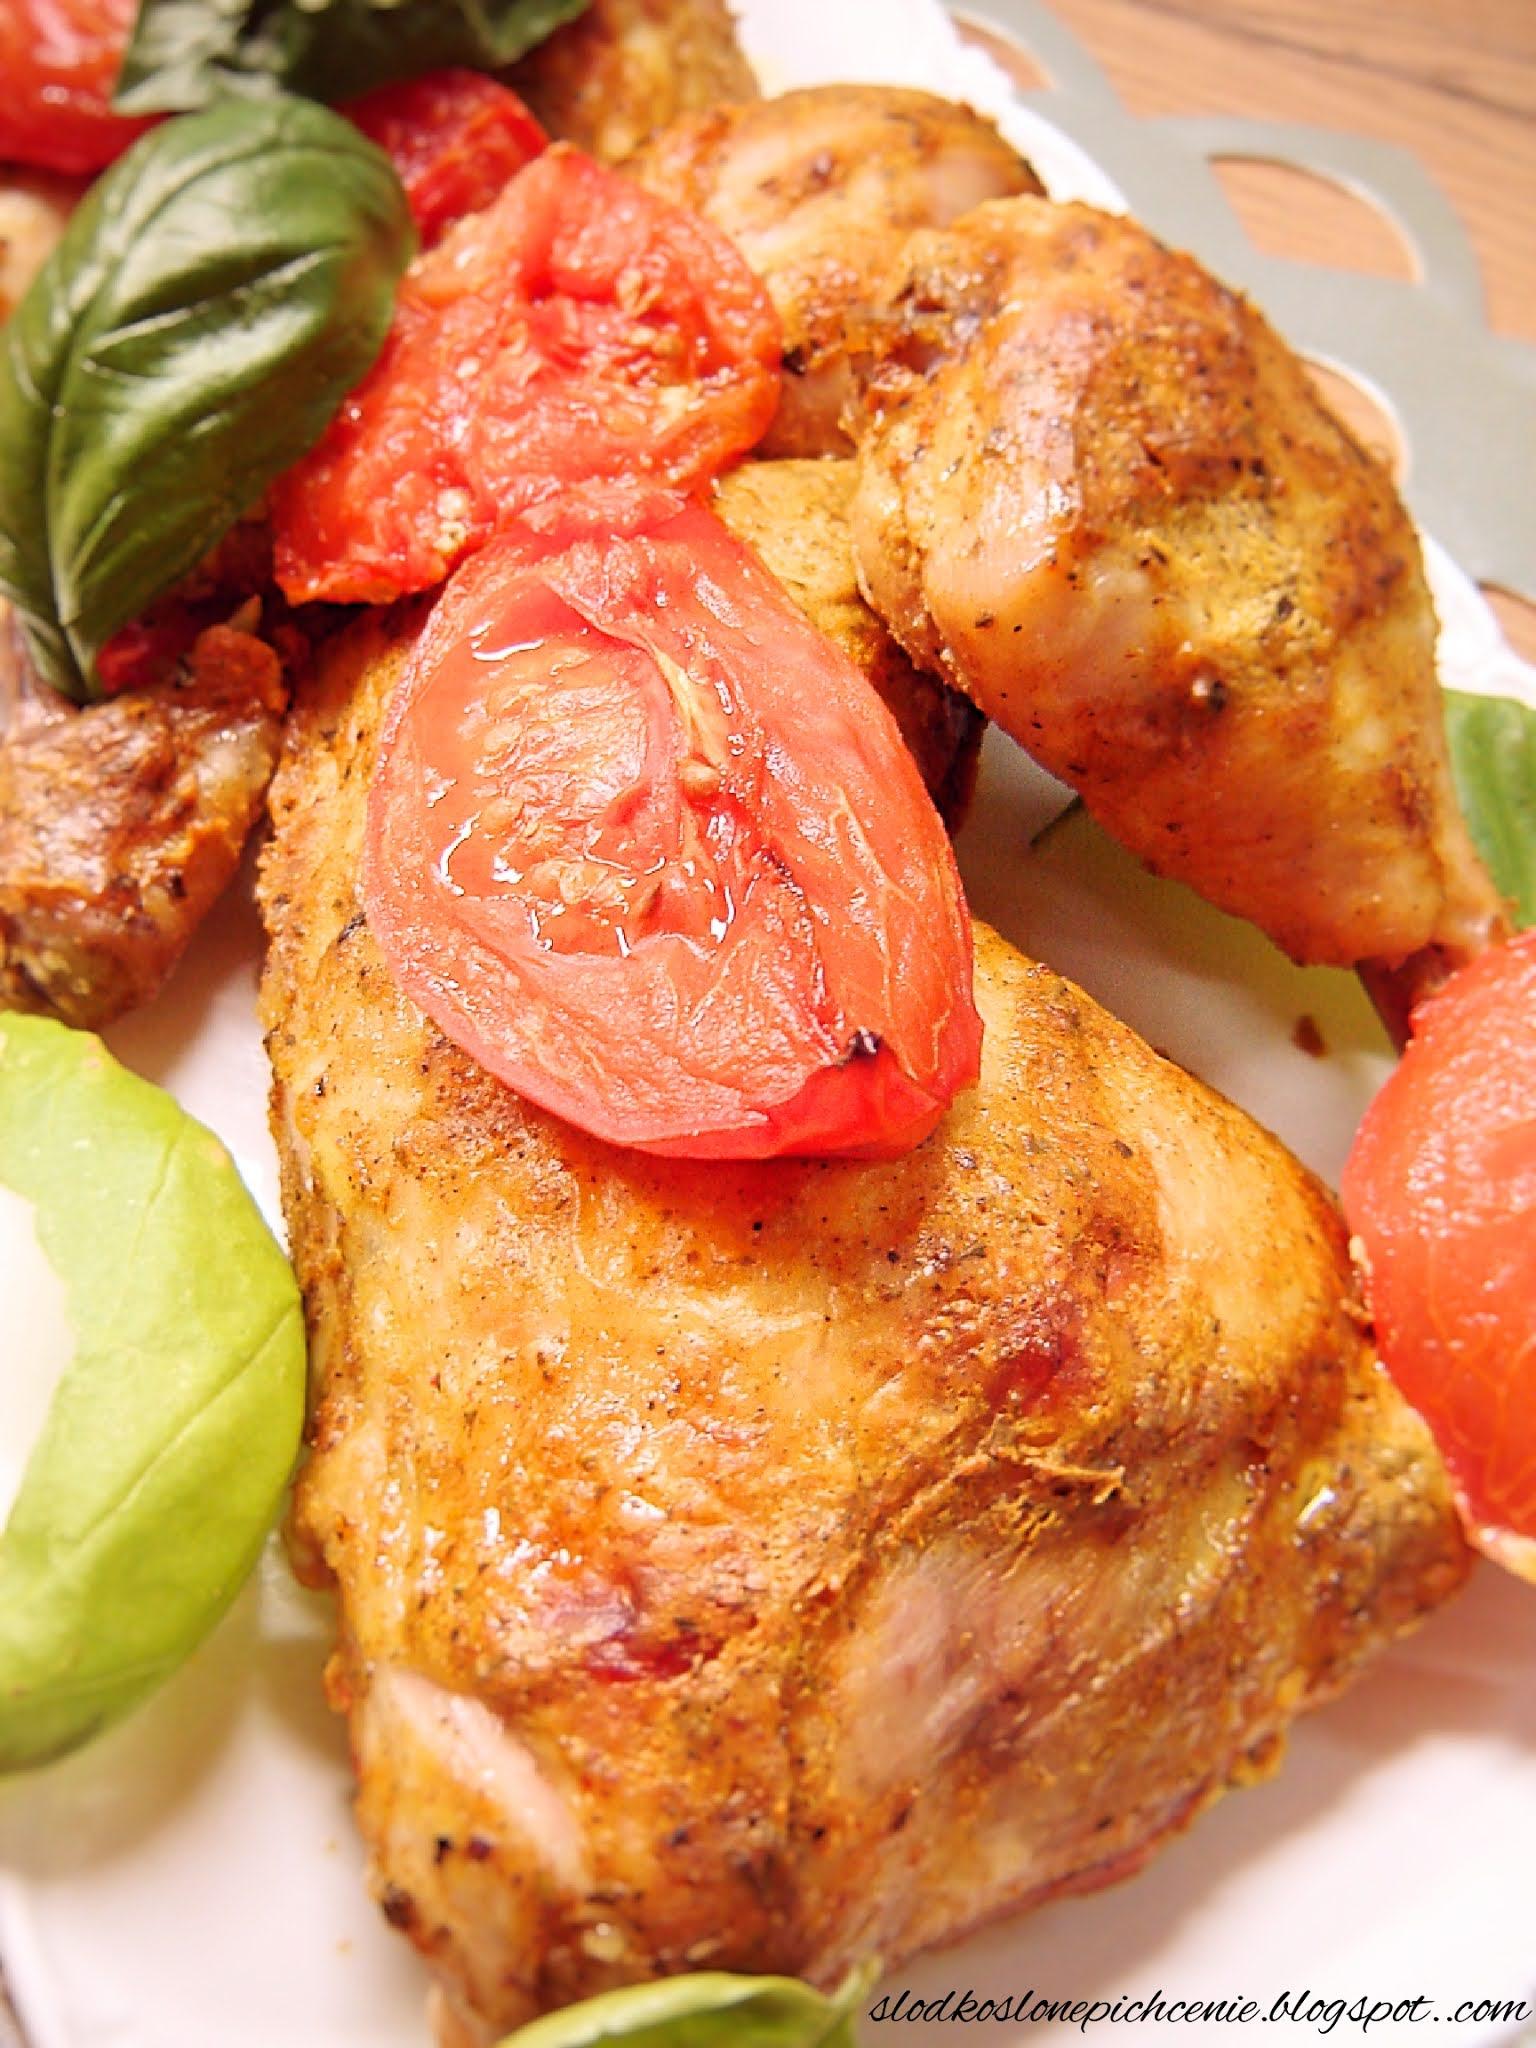 Kurczak pieczony w marynacie jogurtowej z pomidorami